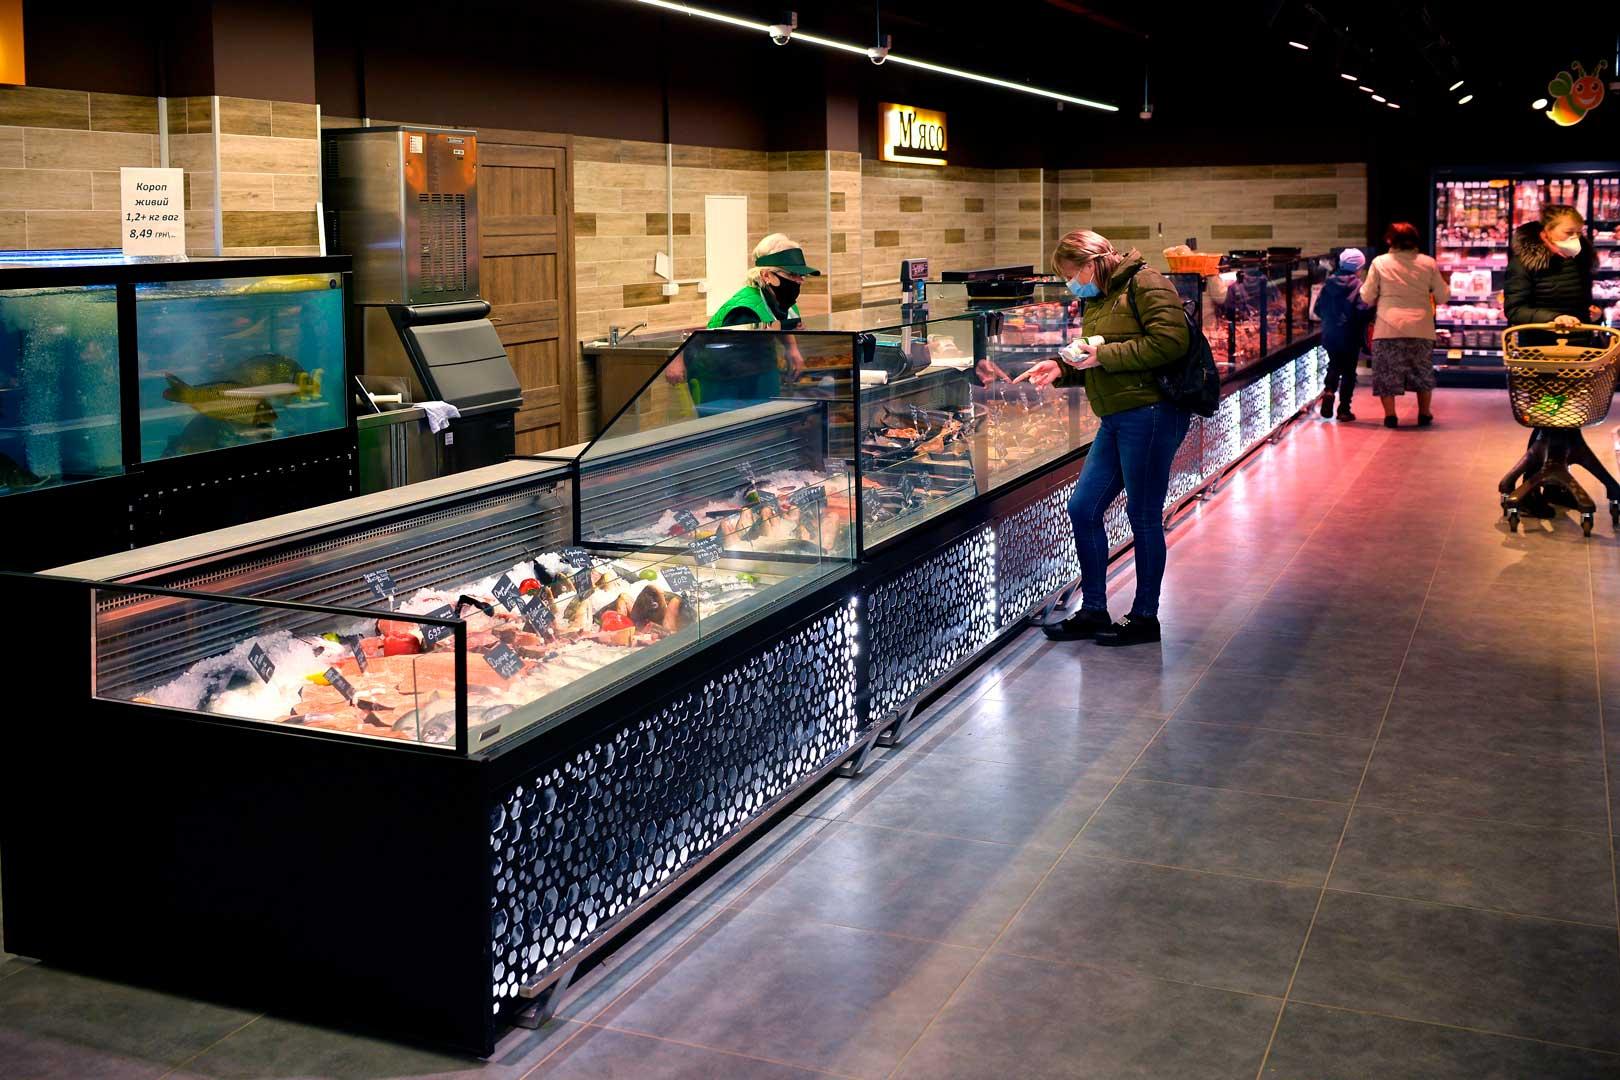 Специализированные витрины для рыбы и морепродуктов Missouri MC 120 fish PS 13 и Missouri MC 120 fish self 086